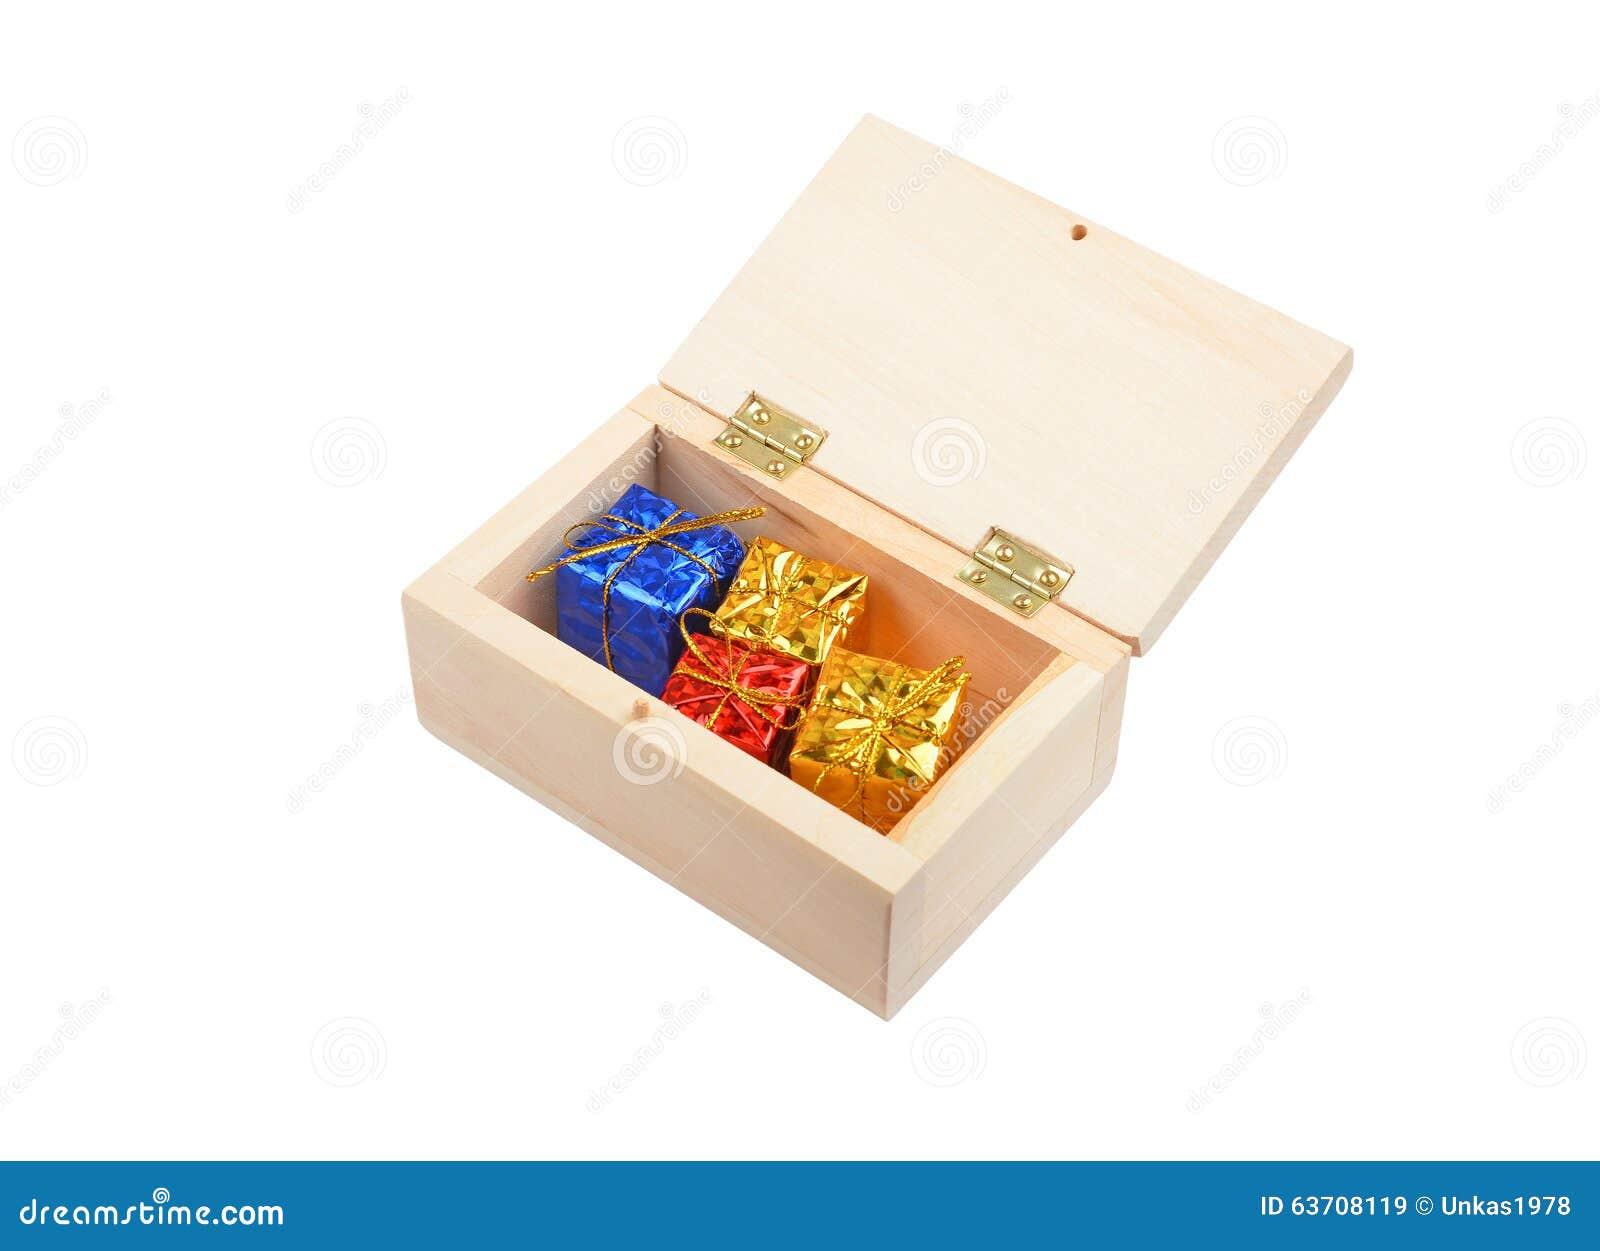 Mais imagens similares de ` Caixa de madeira com presente do Natal ` #B83413 1300x1033